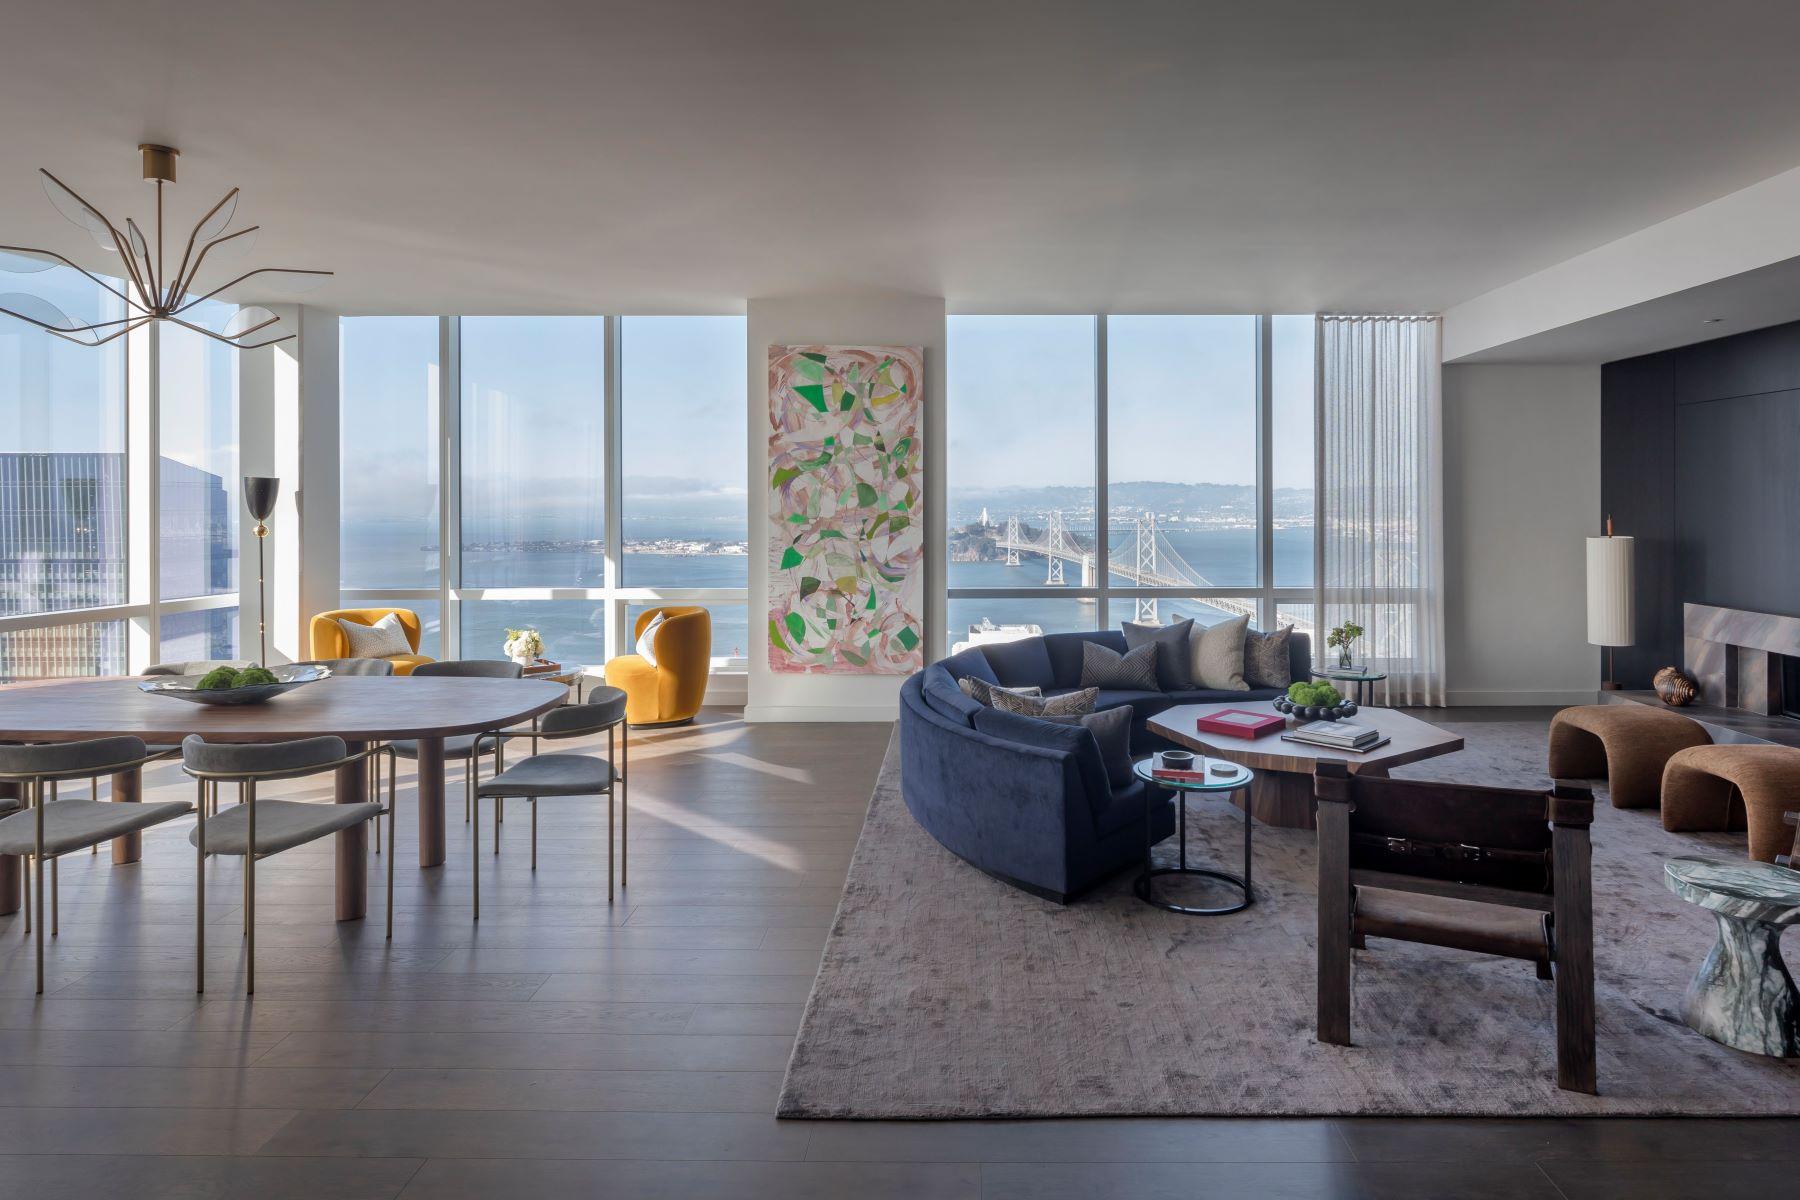 Condominiums 为 销售 在 The Avery Penthouse 488 Folsom St, Penthouse 5602 旧金山, 加利福尼亚州 94105 美国